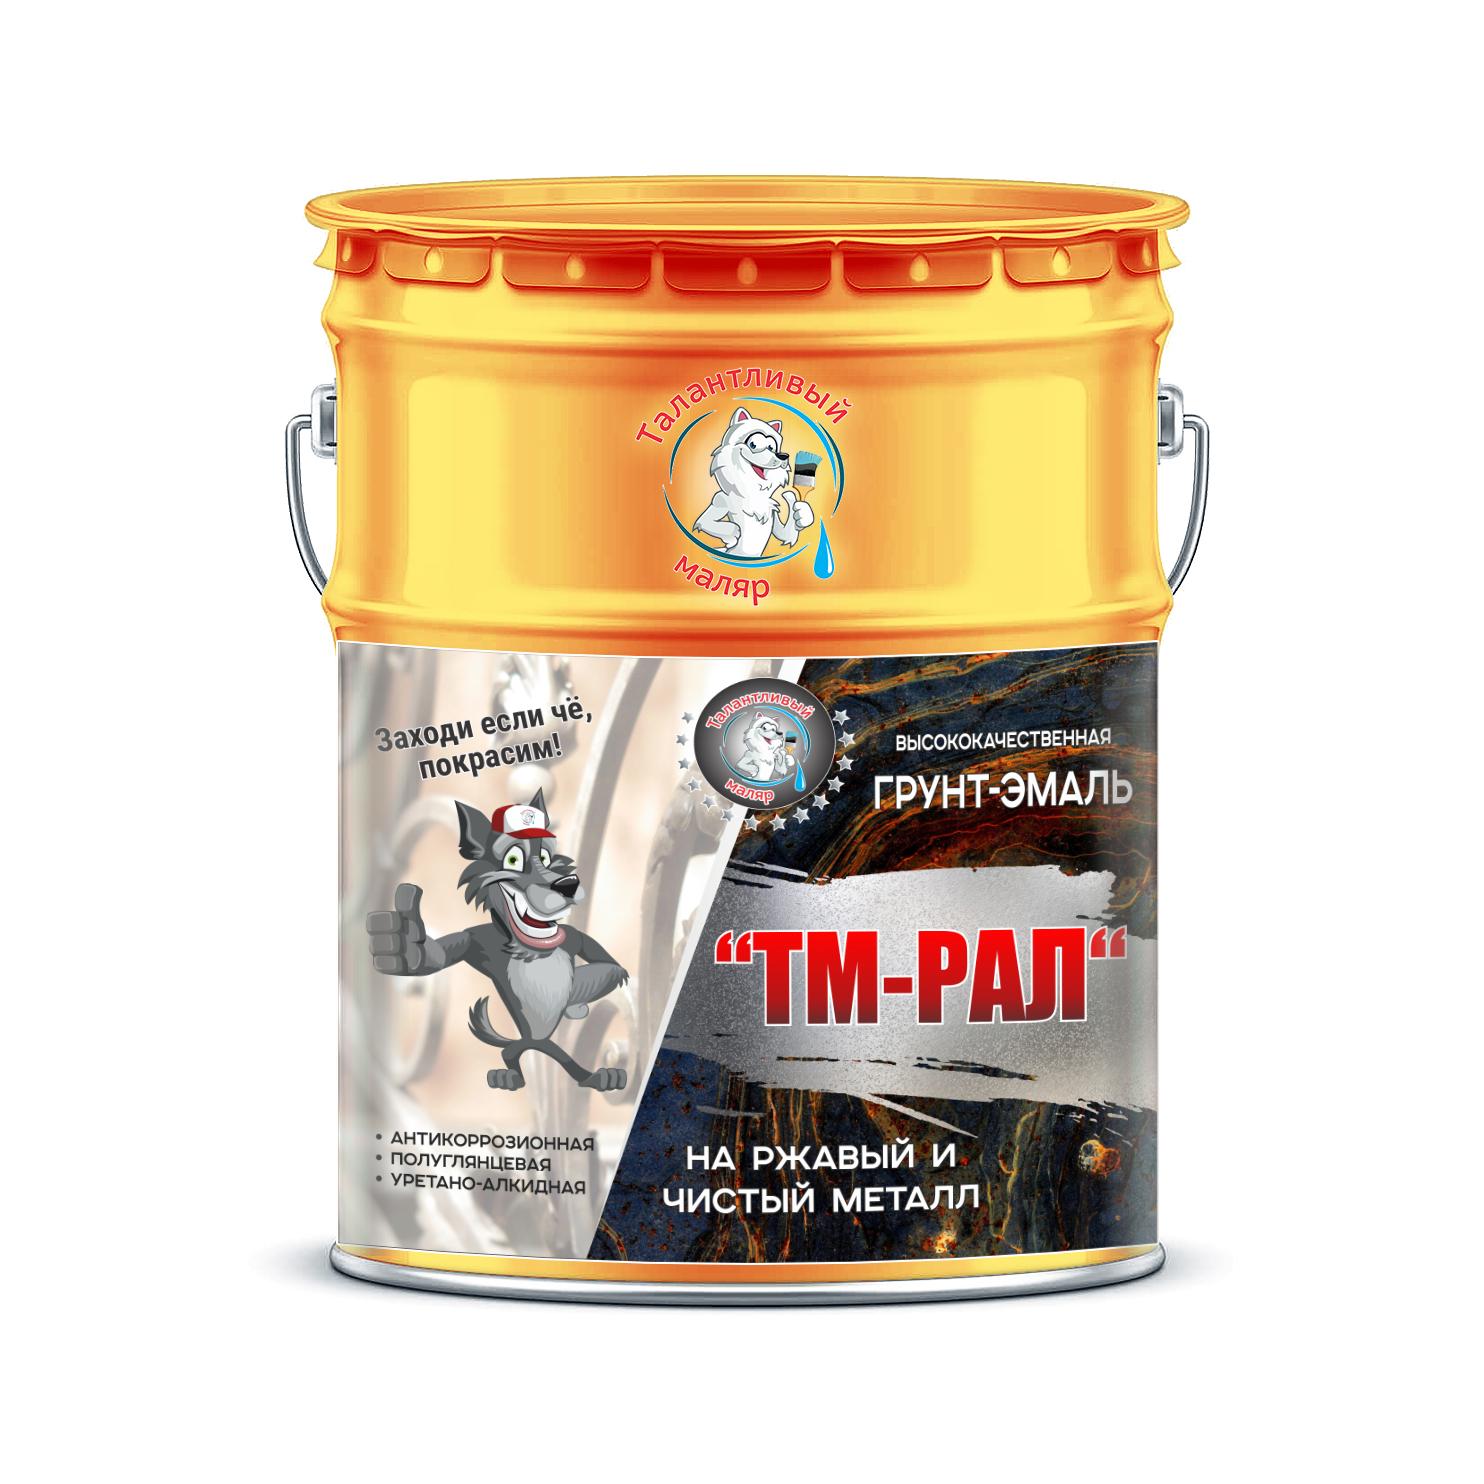 """Фото 6 - TM2008 Грунт-Эмаль """"ТМ РАЛ"""" уретано-алкидная 3 в 1 цвет RAL 2008 Ярко-красный-оранжевый, антикоррозионная,  полуглянцевая для черных металлов, 20 кг """"Талантливый маляр""""."""